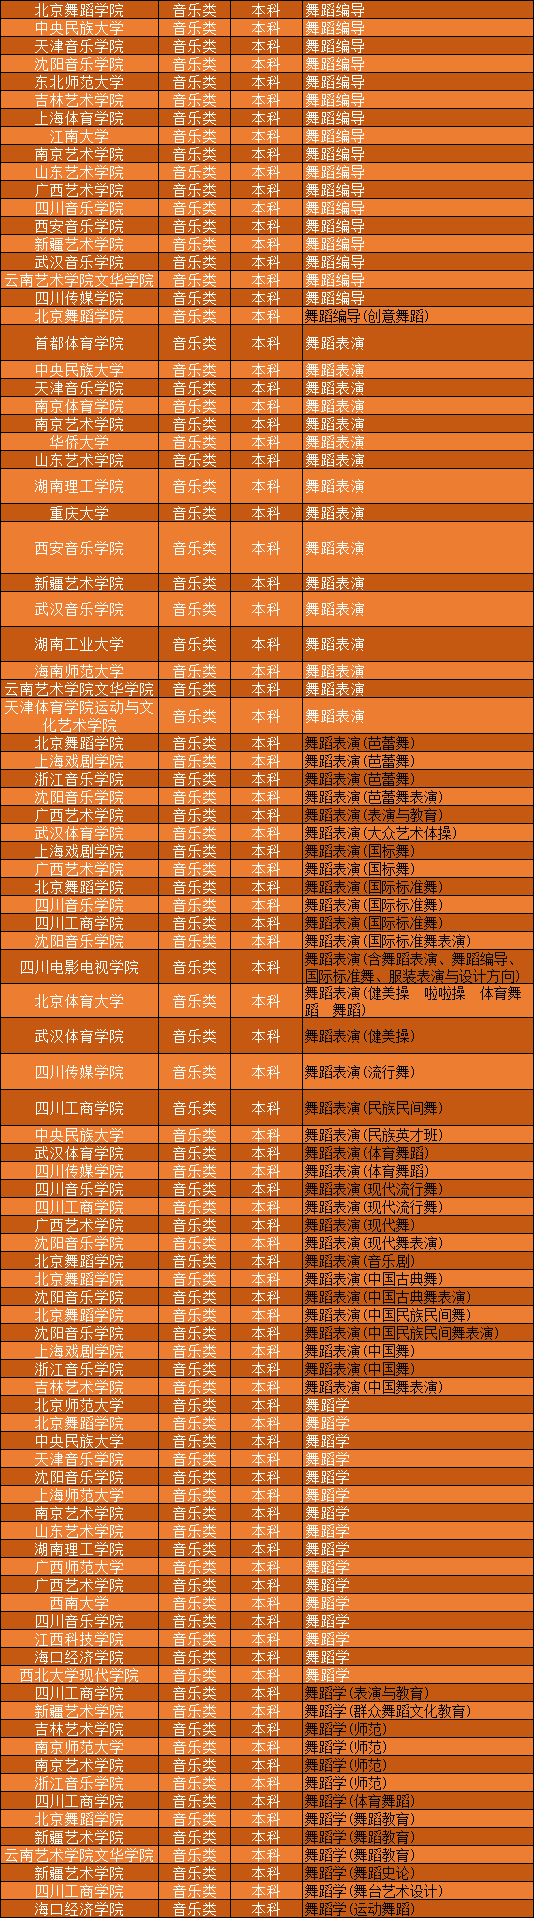 全国音乐学院大学舞蹈专业招收广东舞蹈生的院校及专业